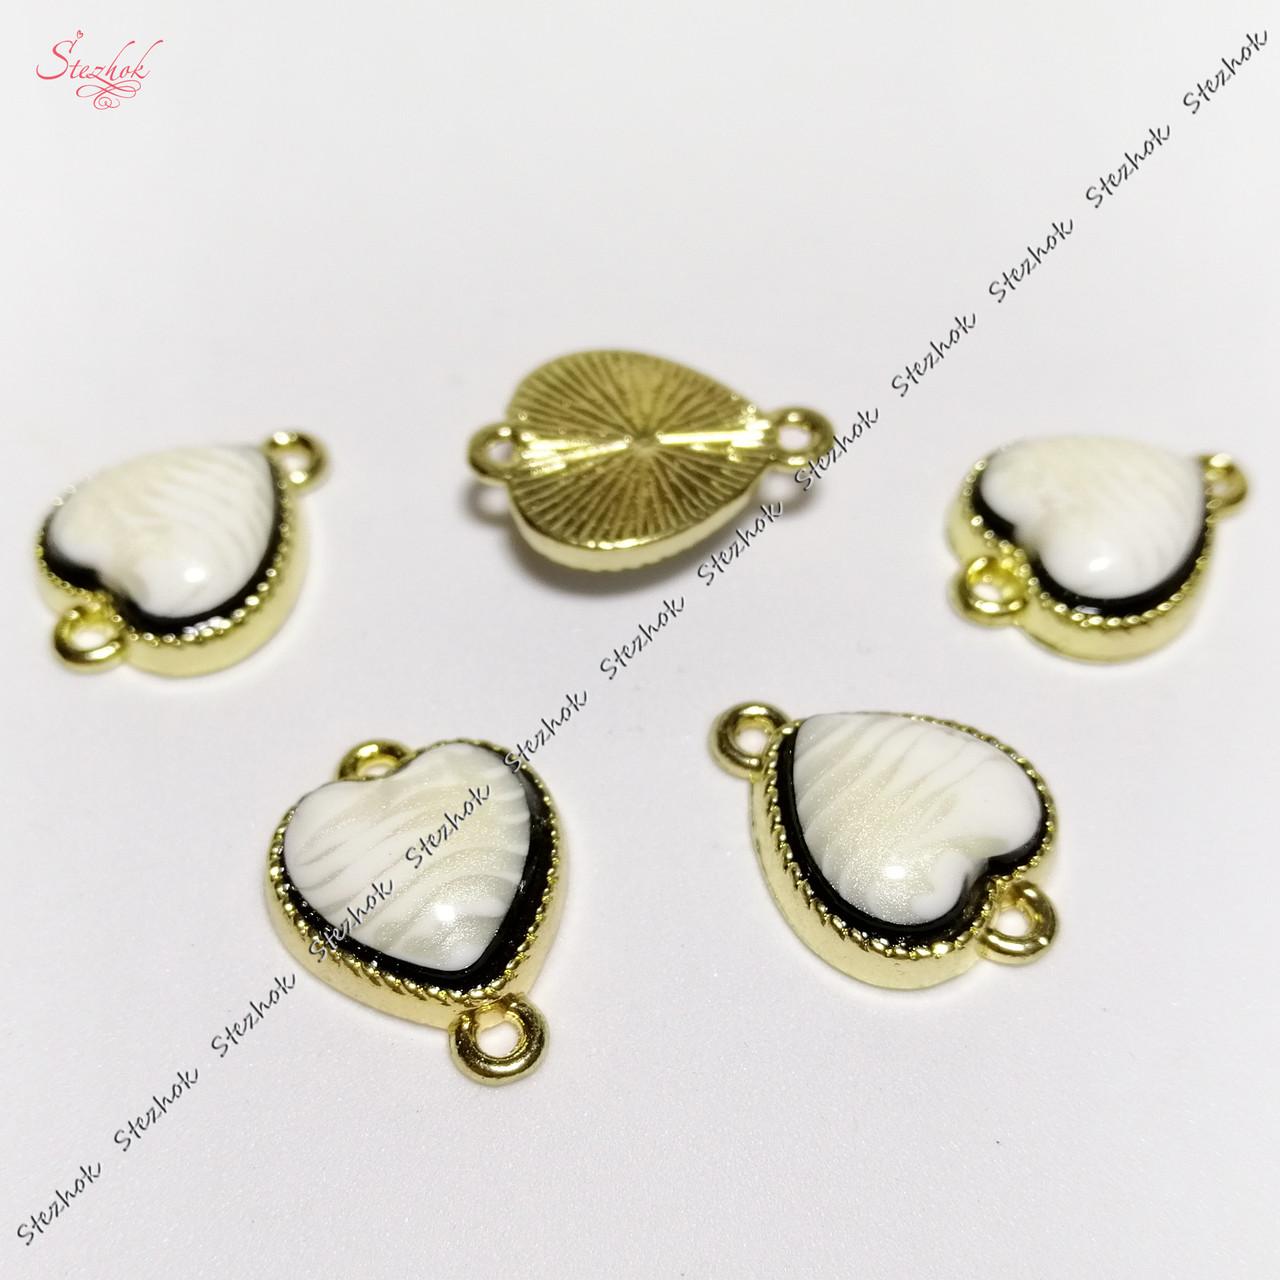 Коннектор сердце с кабошоном 17х13 мм золото для рукоделия